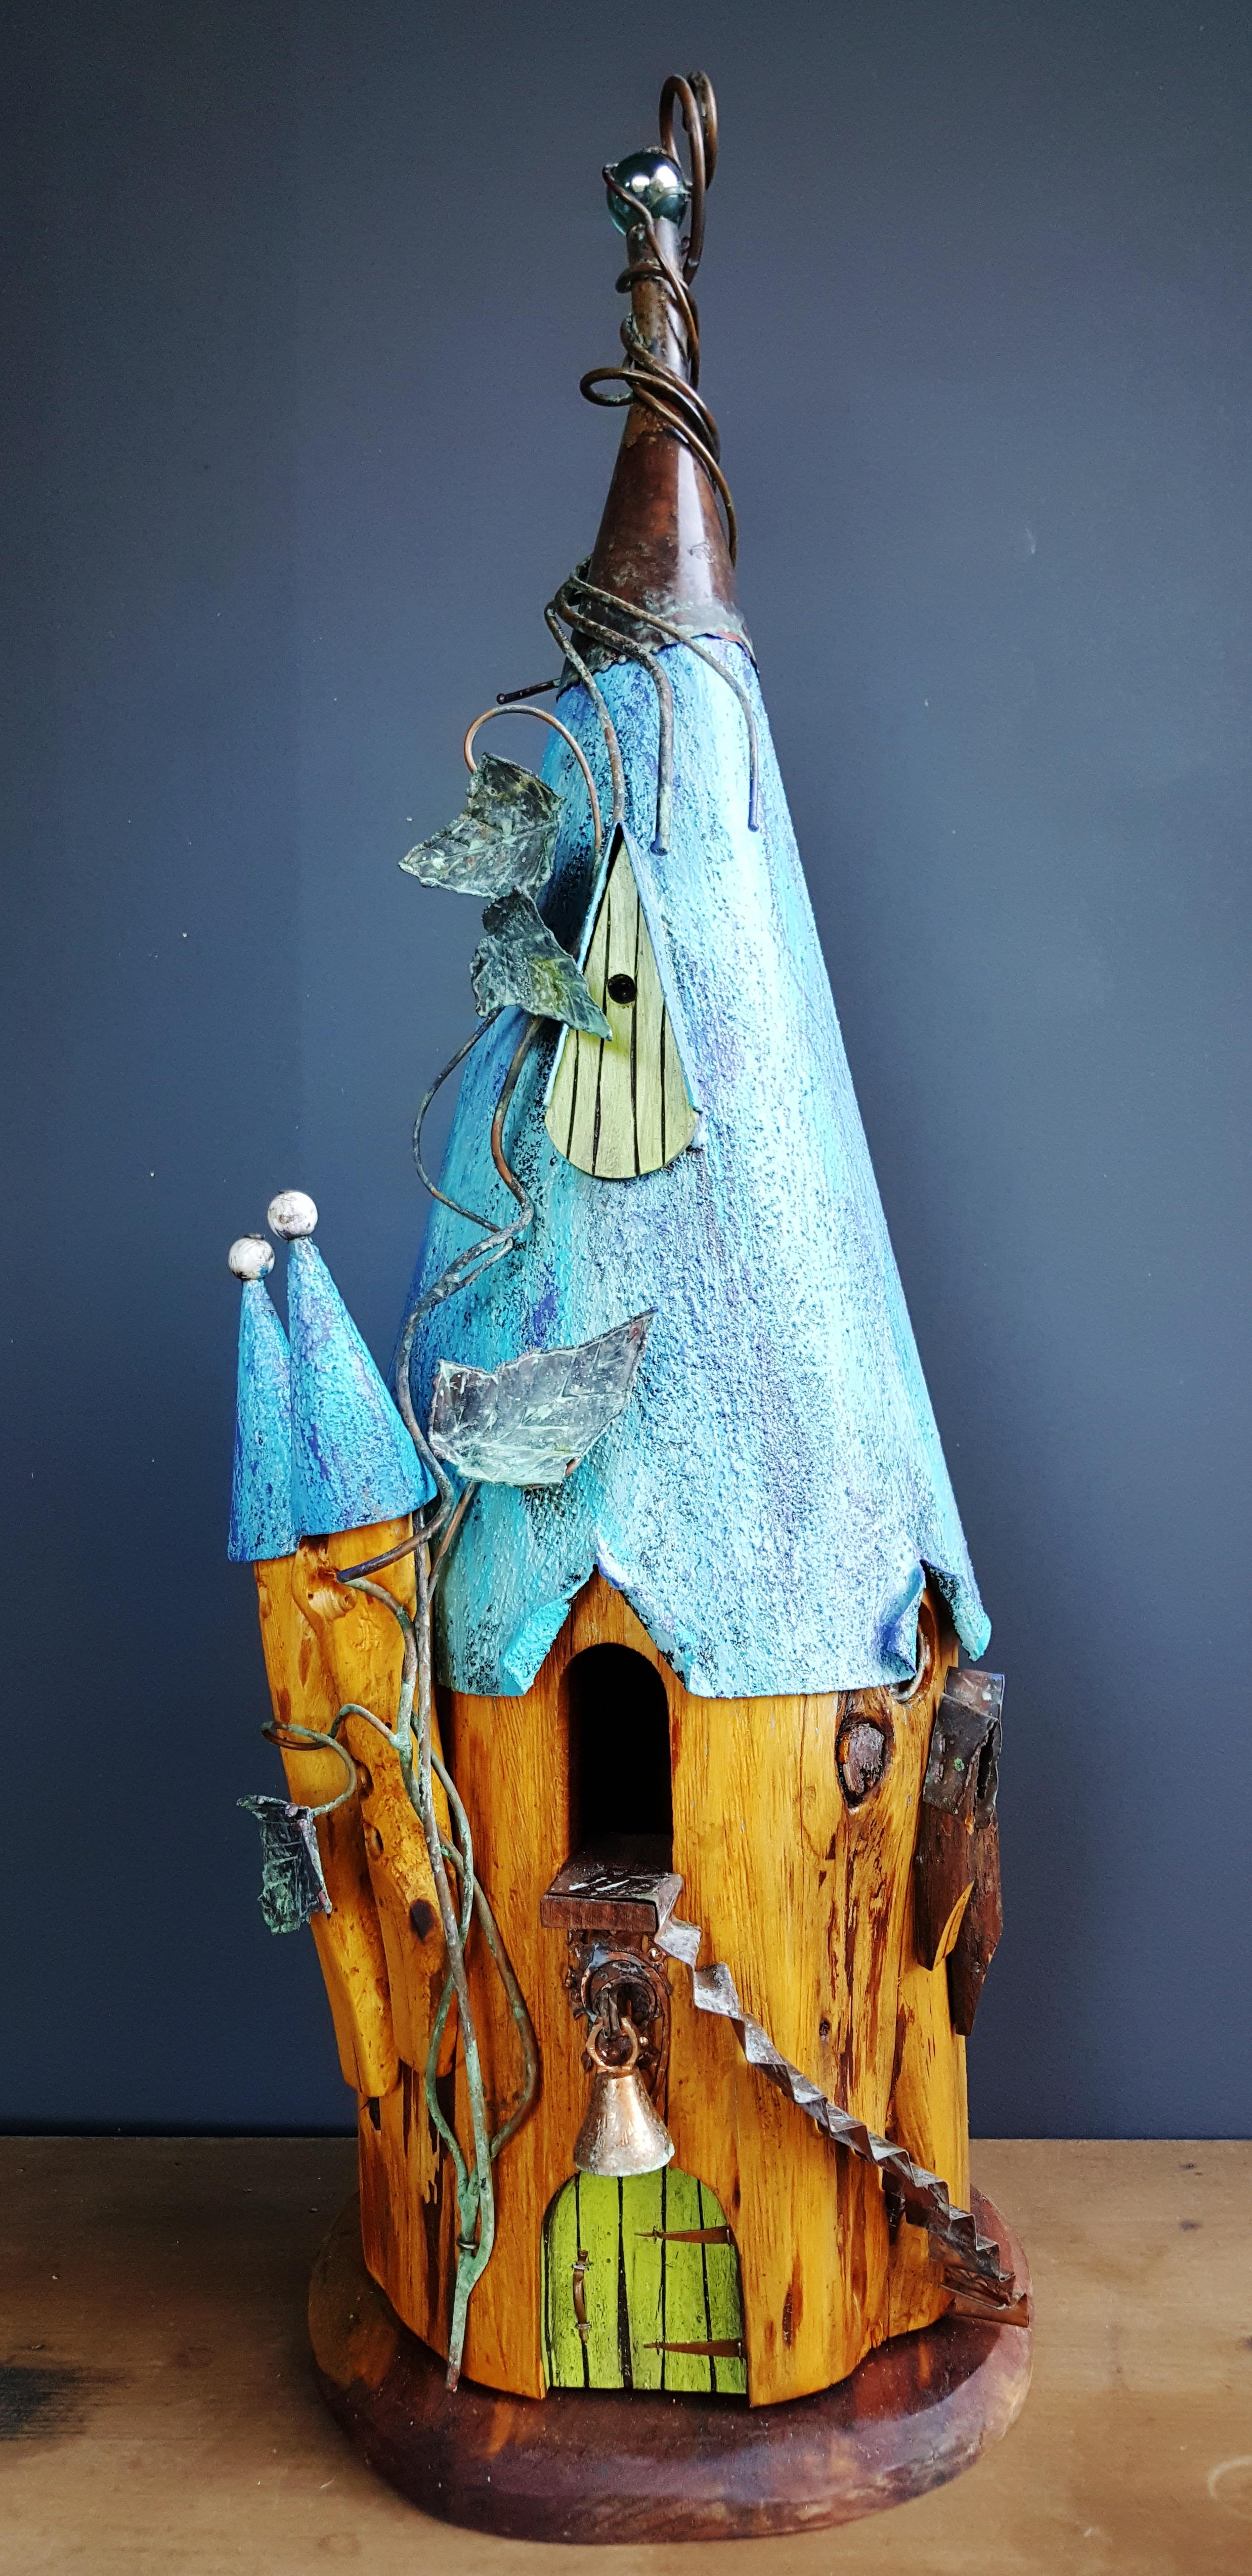 Birdhouse SE 0118